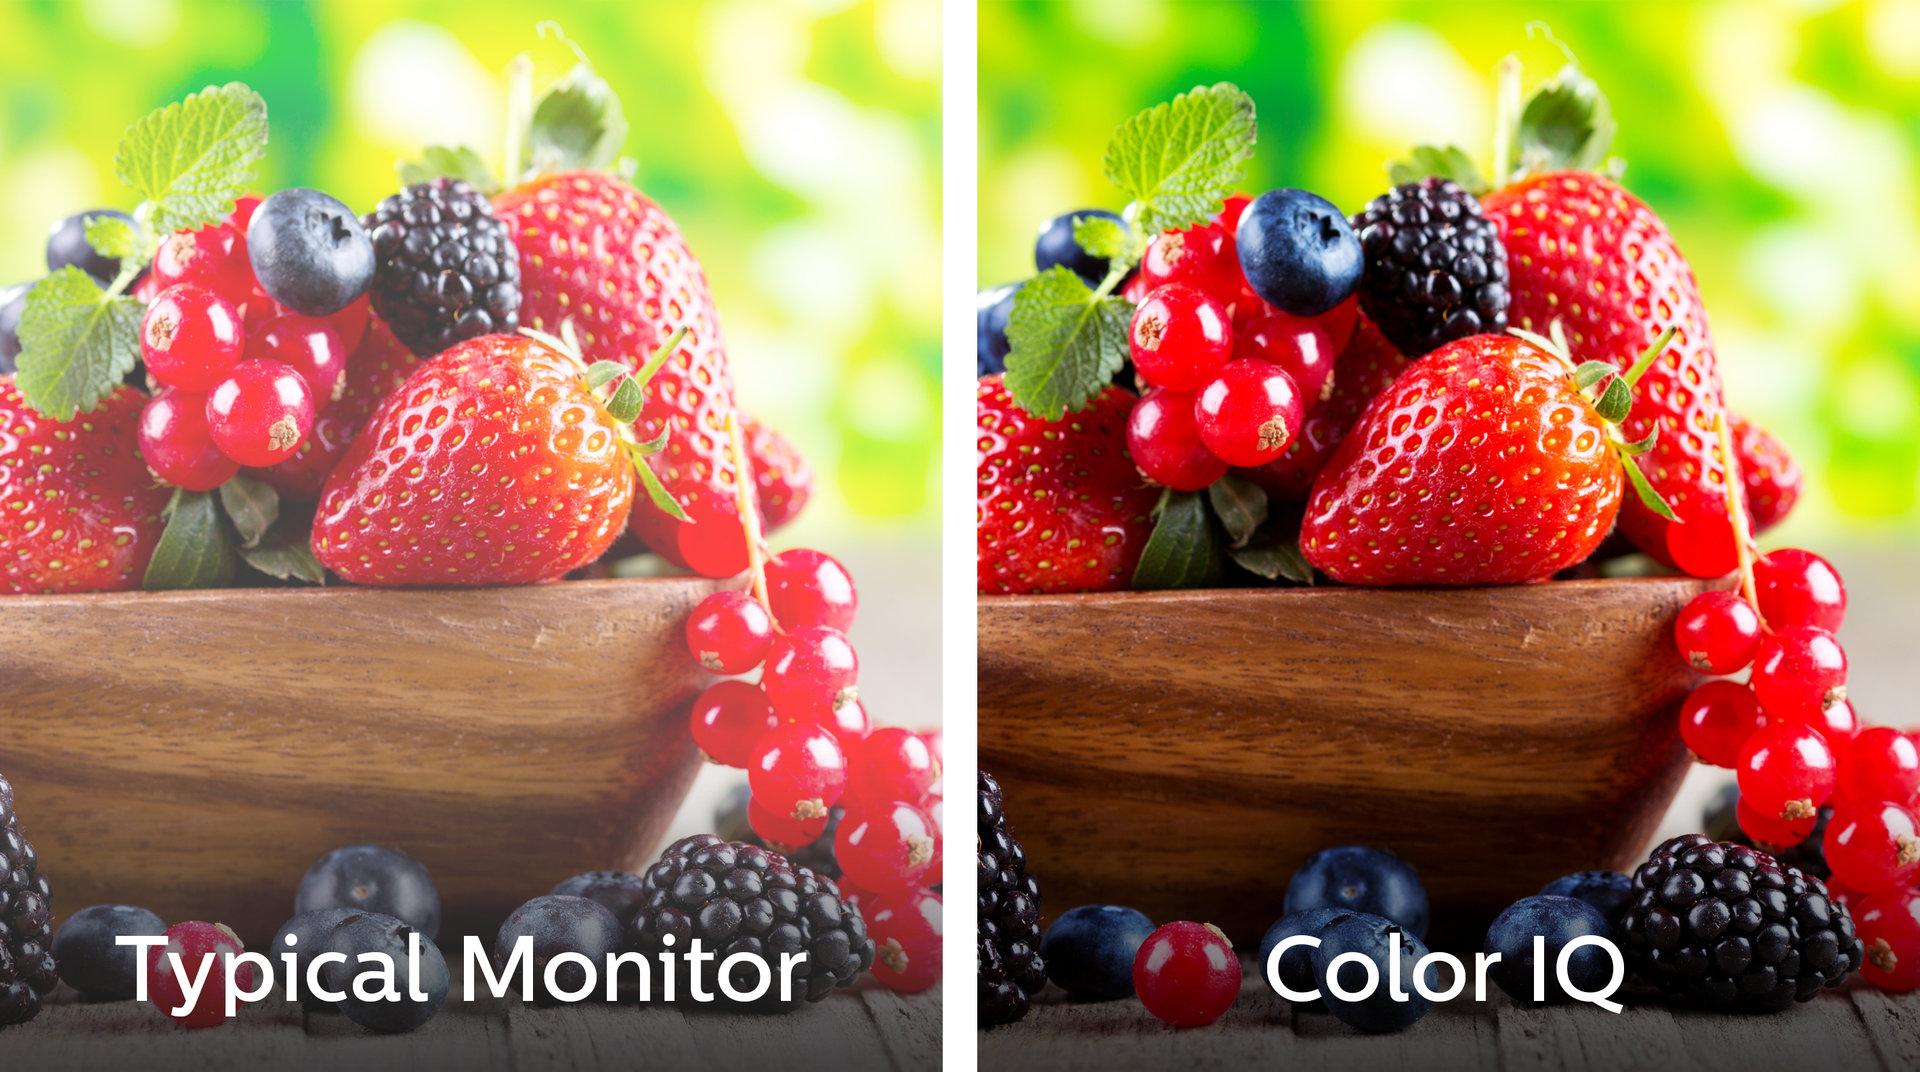 QD Visions Color IQ verspricht bessere Farben